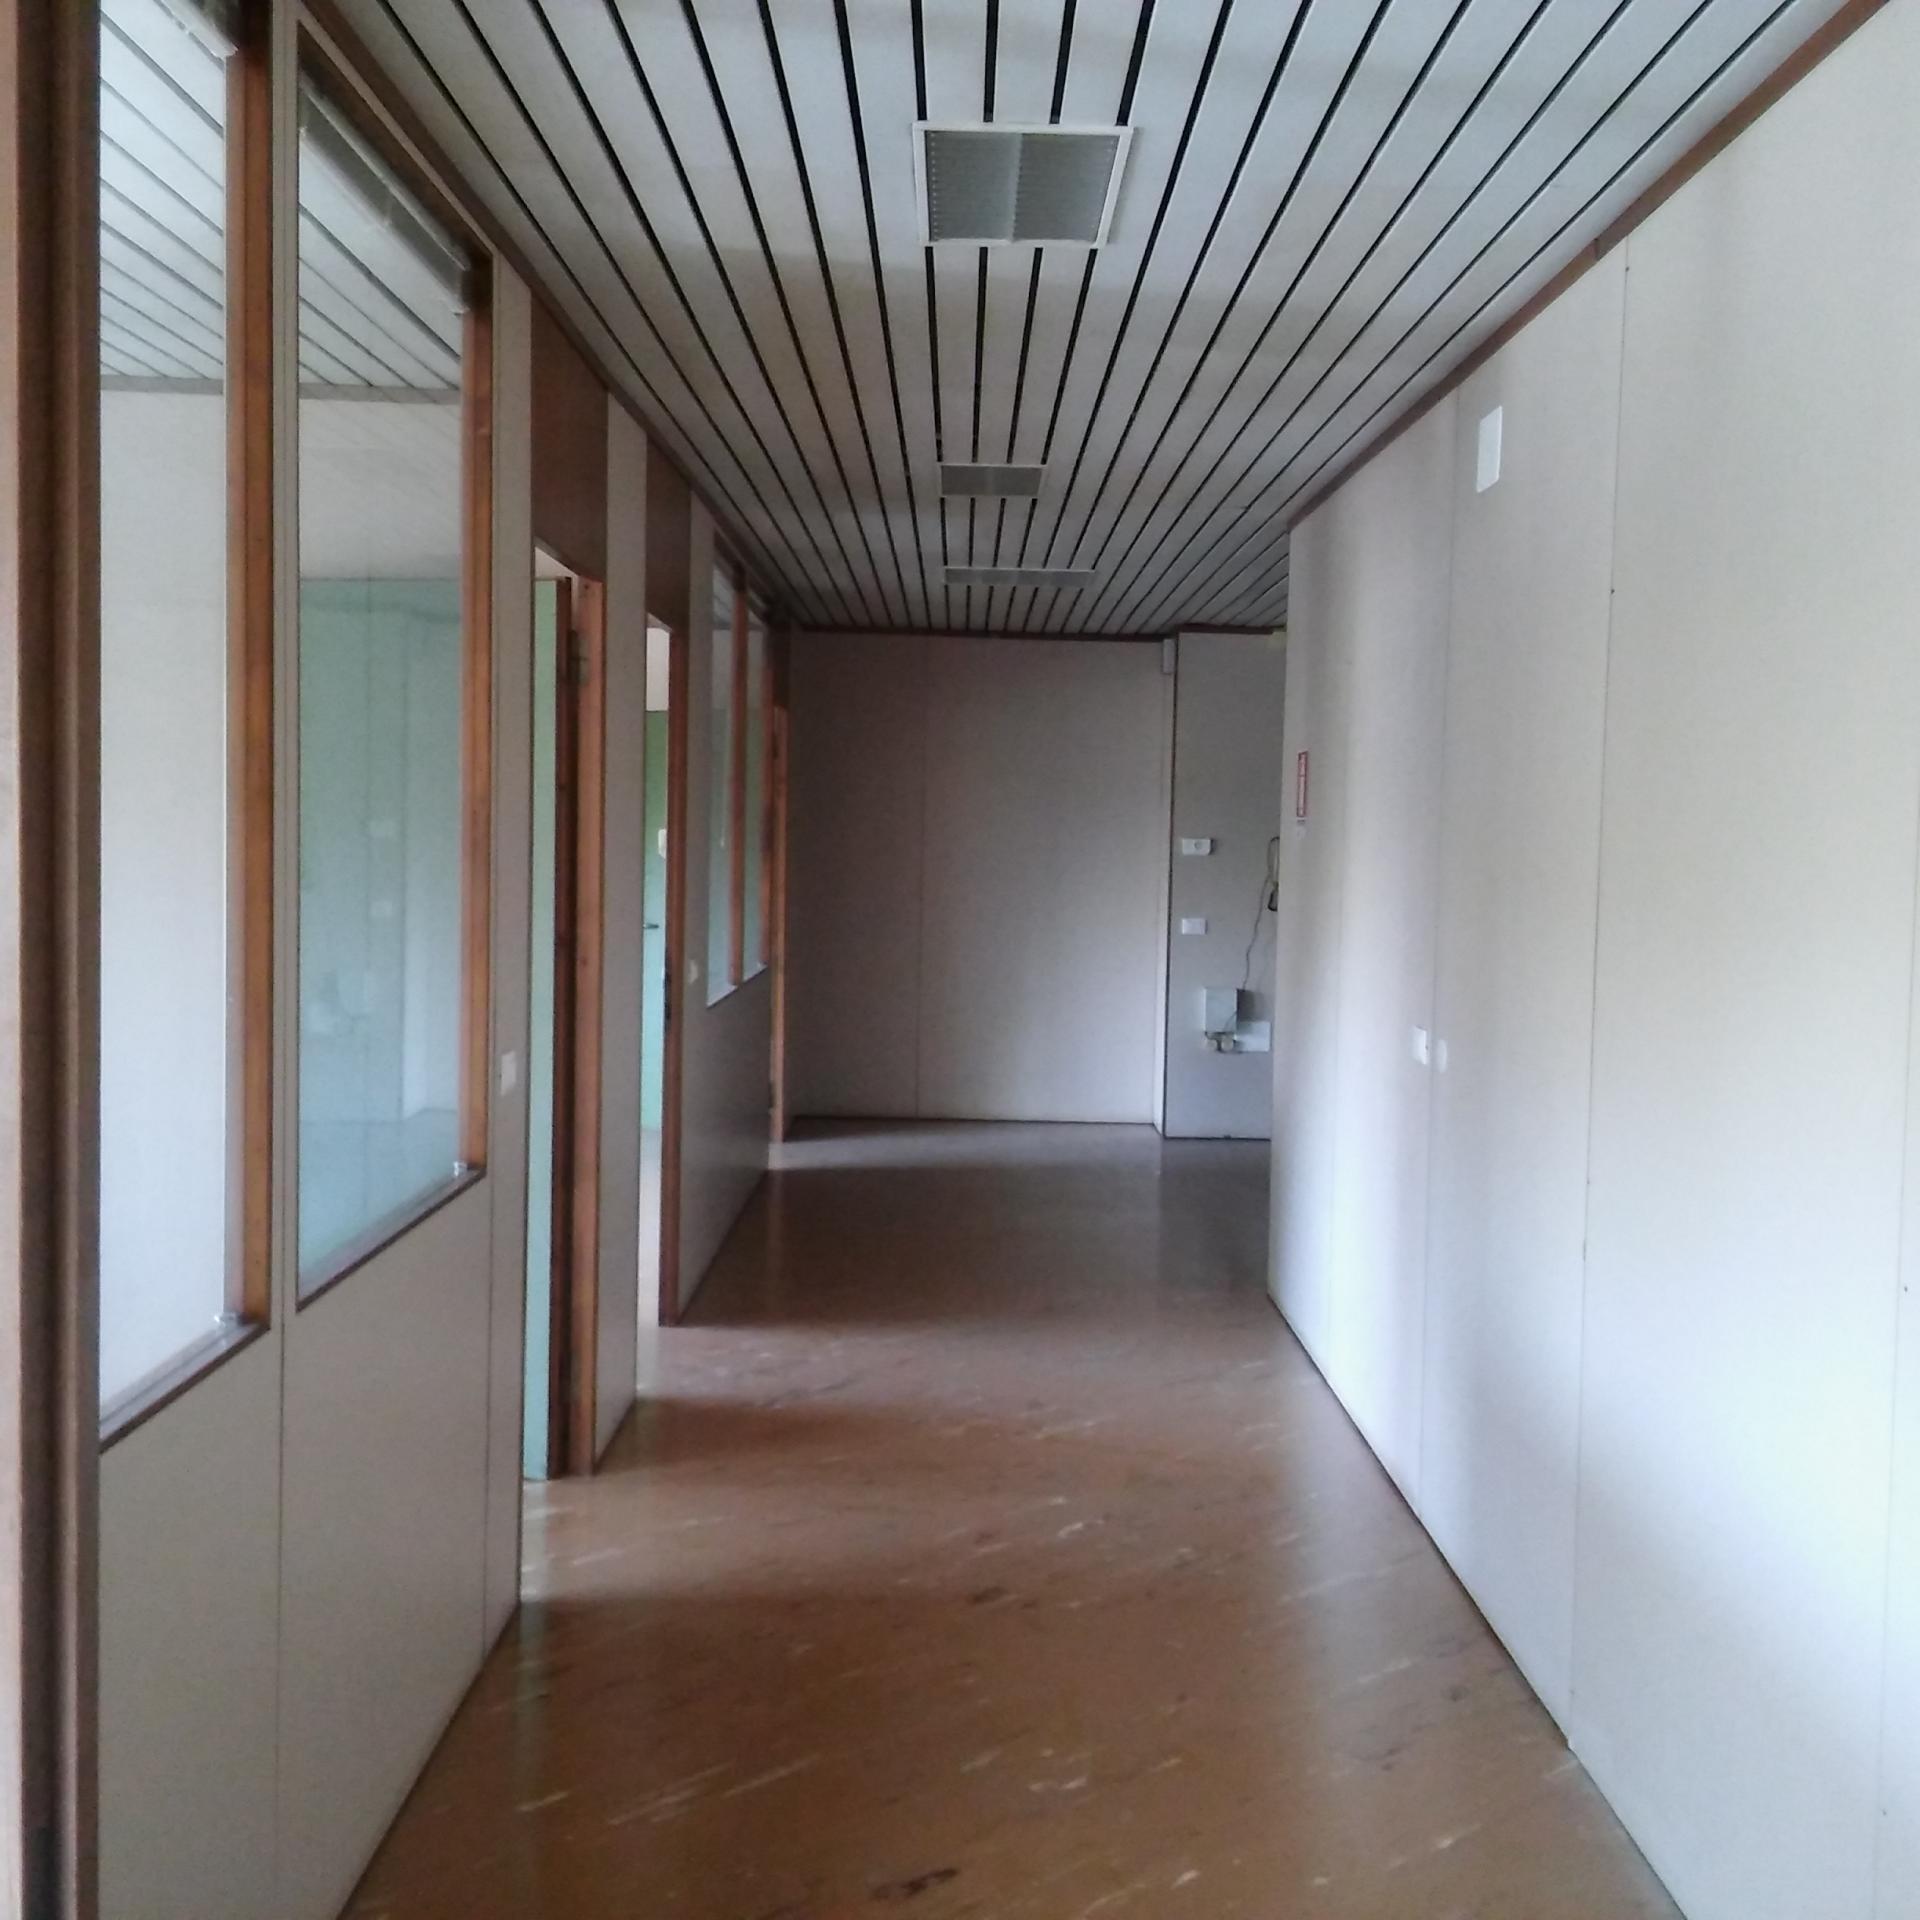 Ufficio / Studio in affitto a Villorba, 9999 locali, prezzo € 125.000 | CambioCasa.it